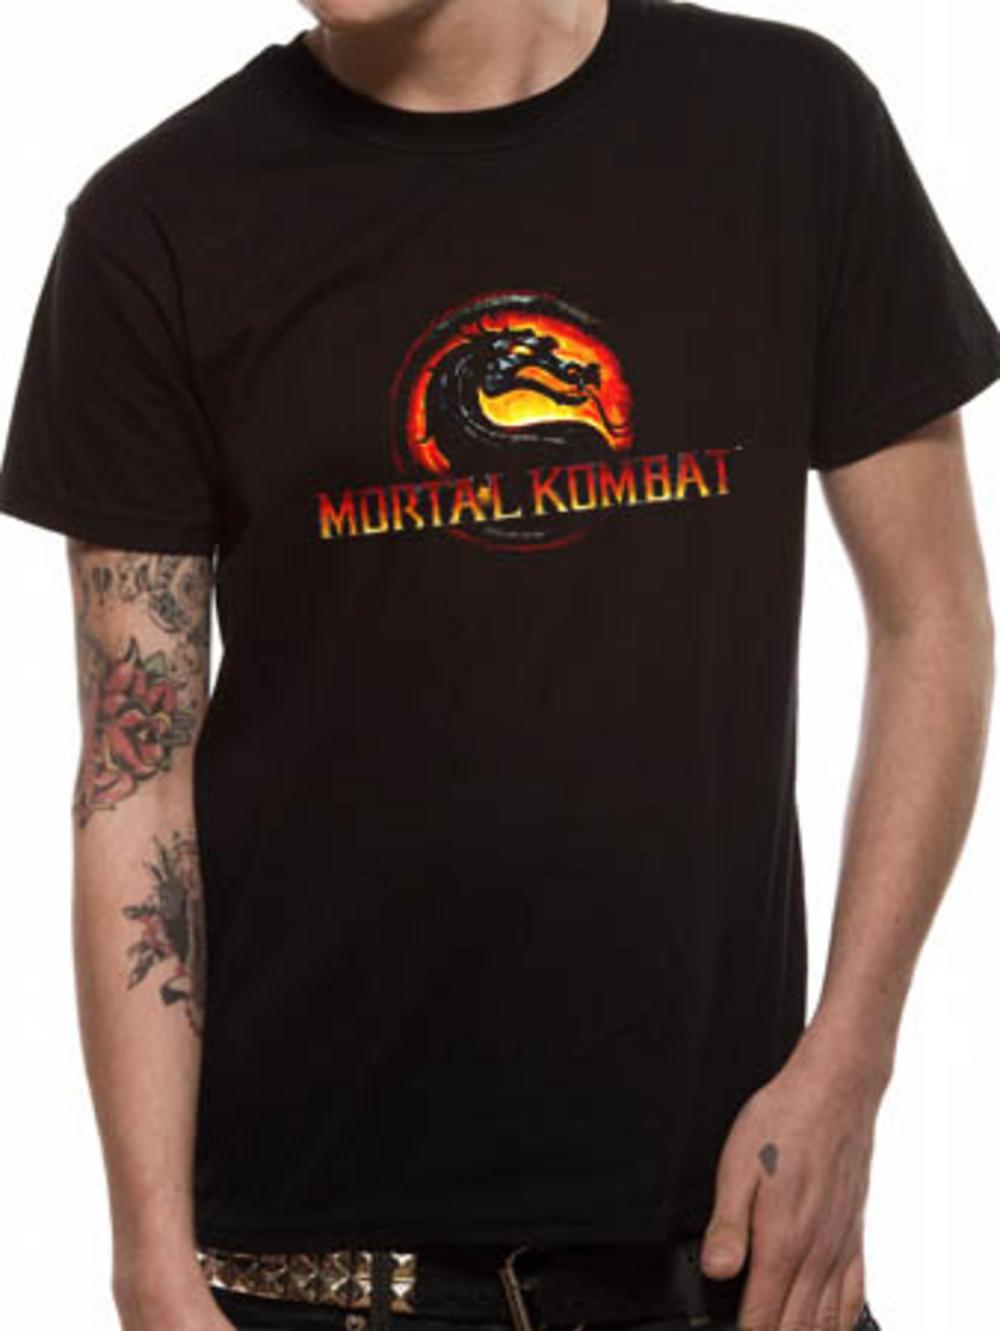 Mortal kombat clothing store